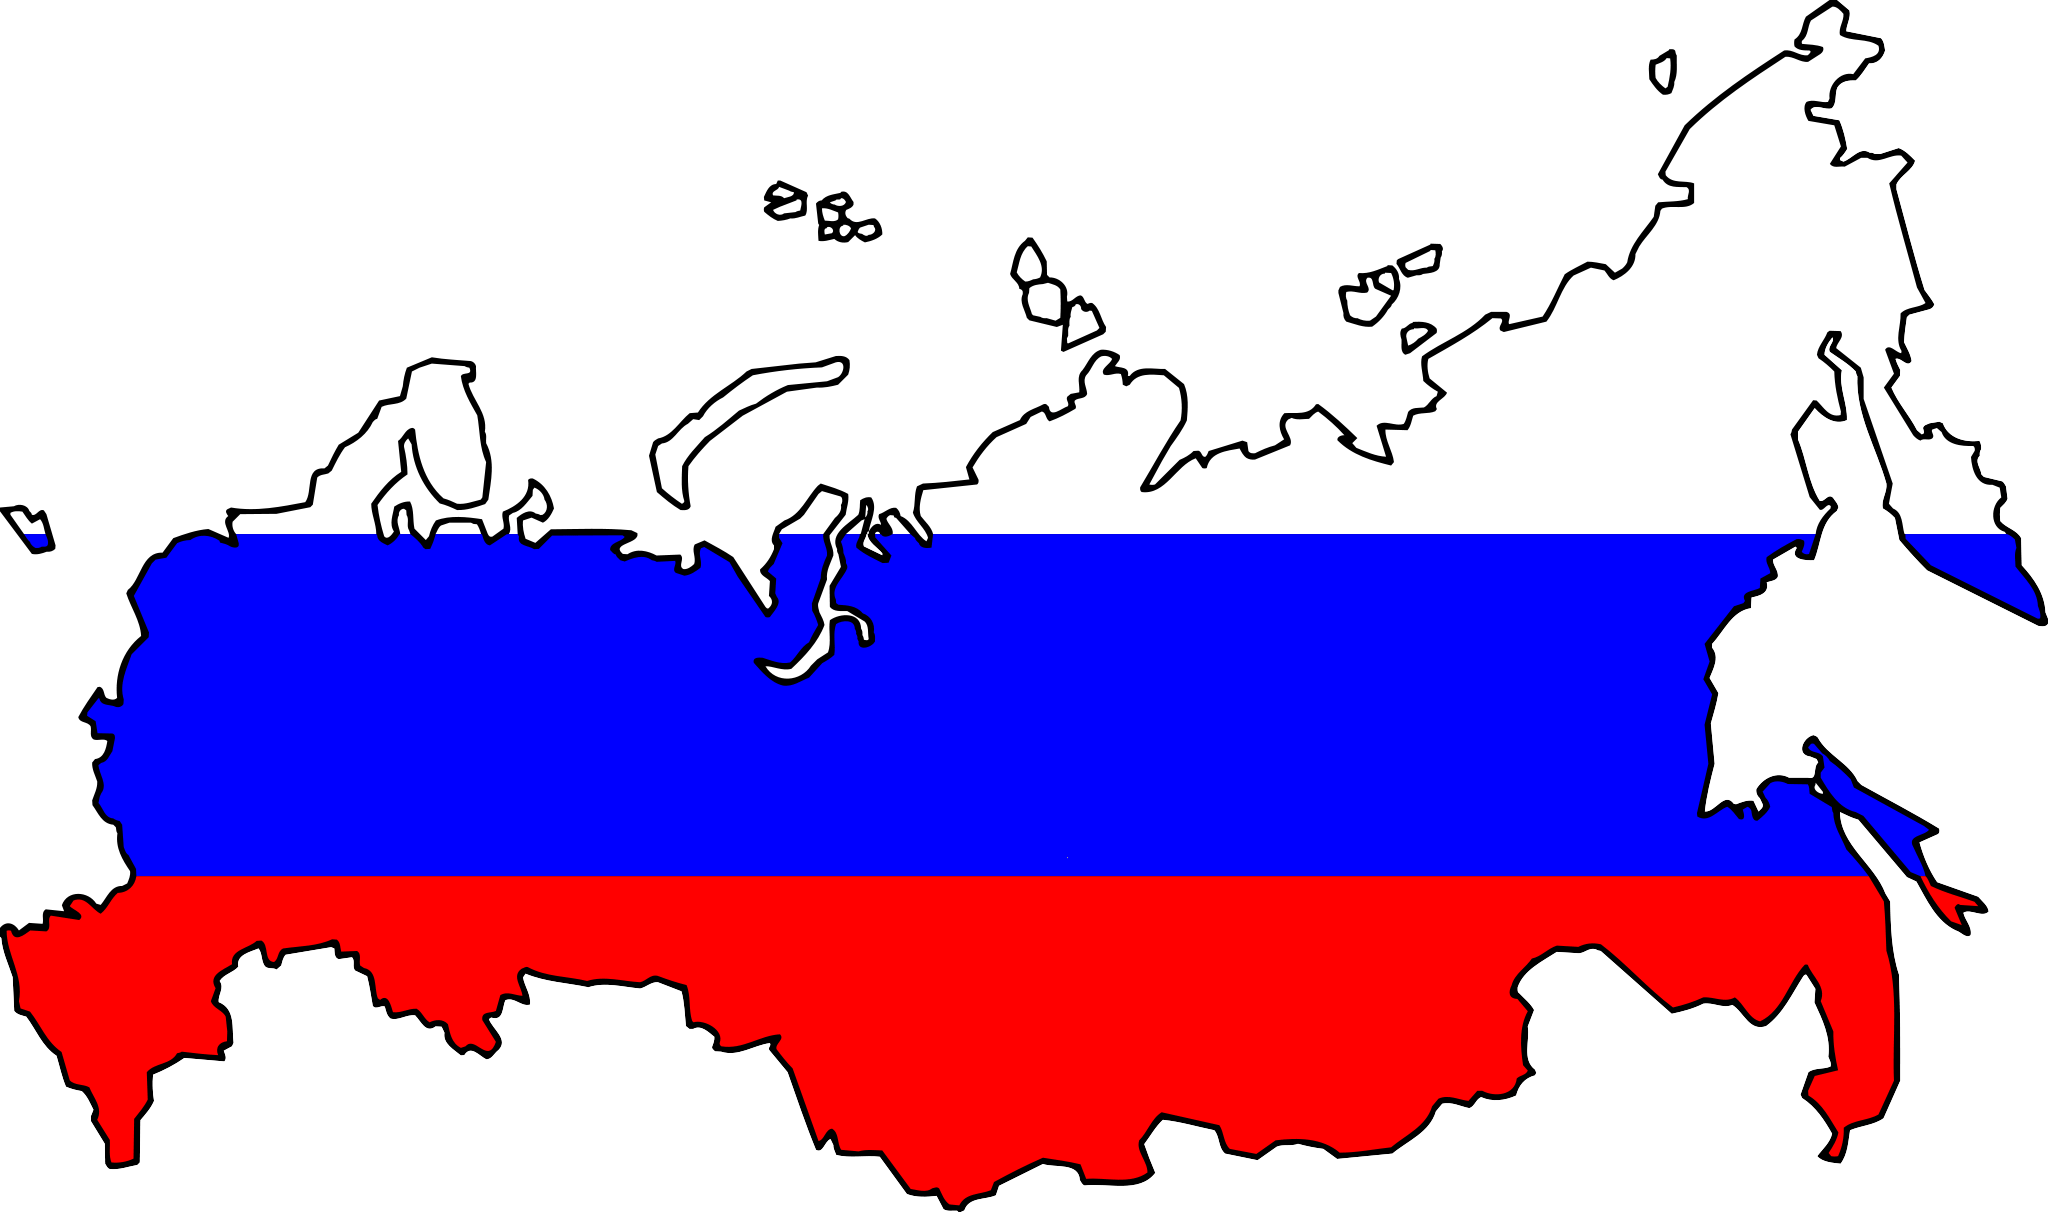 ماذا يحدث لو الصين و روسيا تحالفوا مع بعضهما  بإعلان حرب مفتوحة ؟ Russia_flag_map